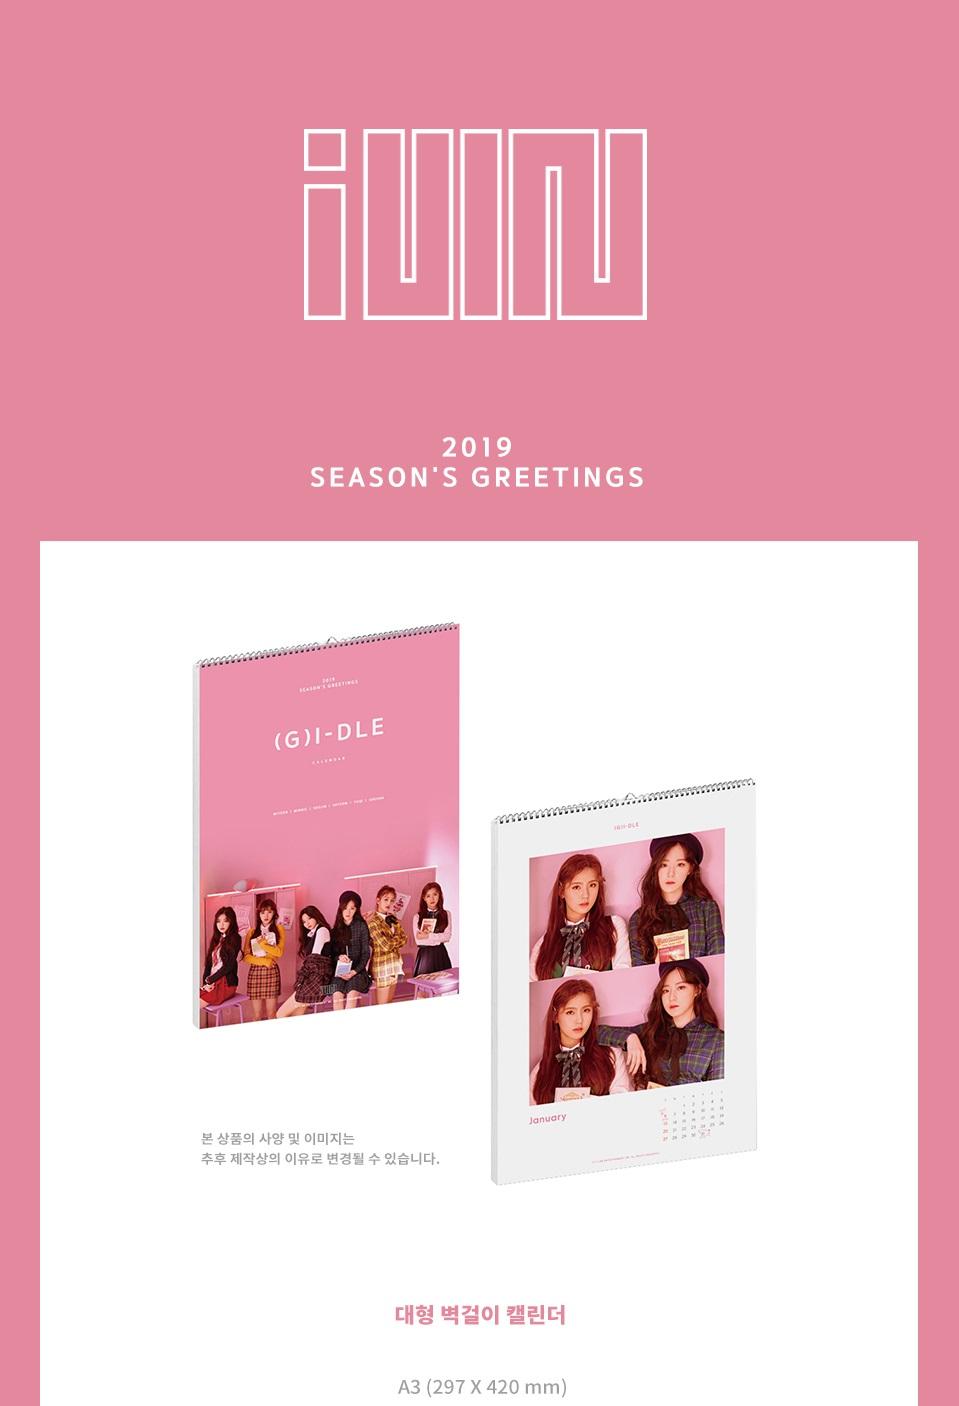 官方週邊商品 (G)I-DLE 2019 年曆 SEASON'S GREETINGS 季節的問候 (韓國進口版)